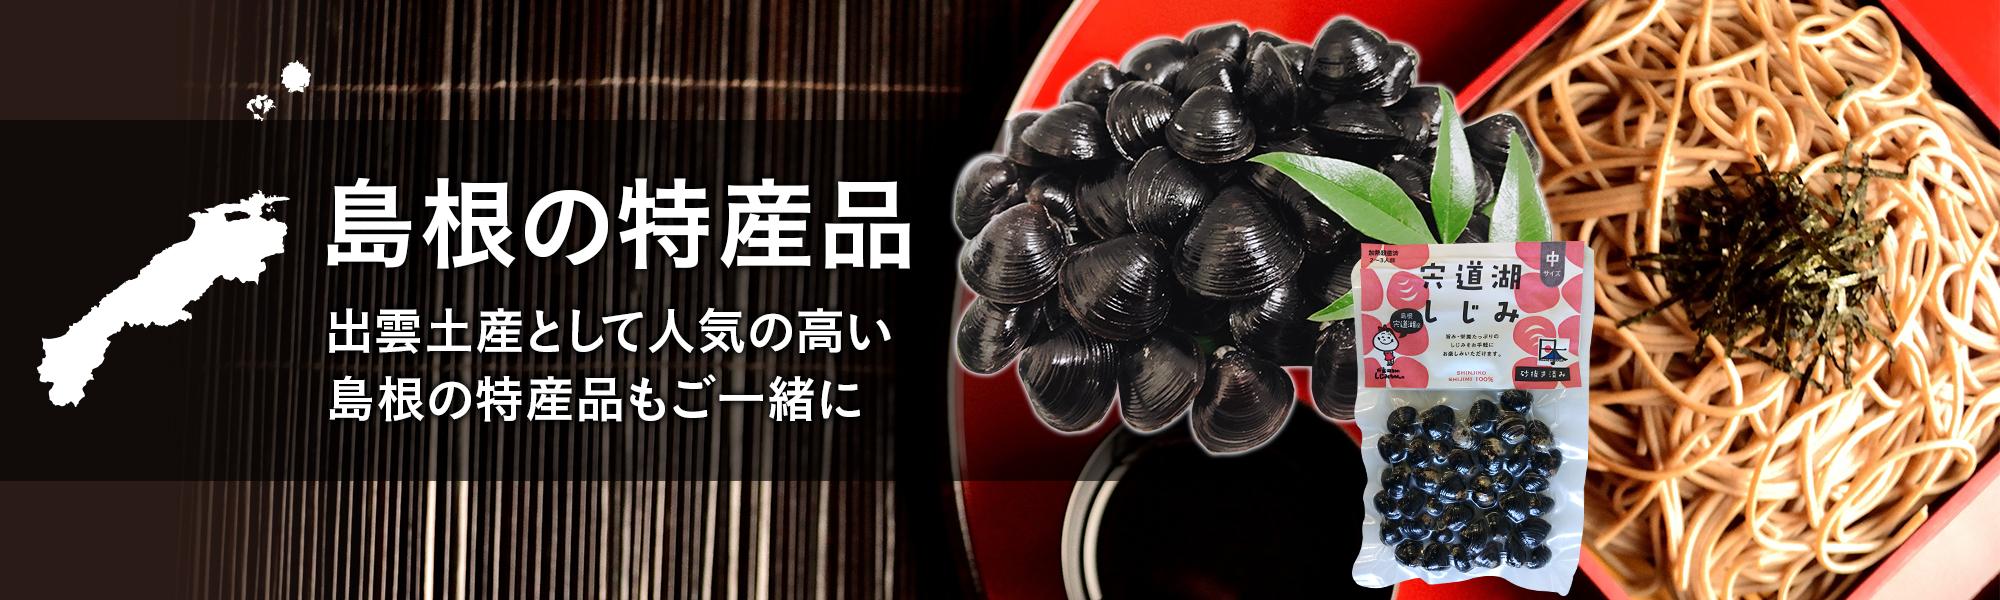 島根の特産品〜出雲土産として人気の高い島根の特産品もご一緒に